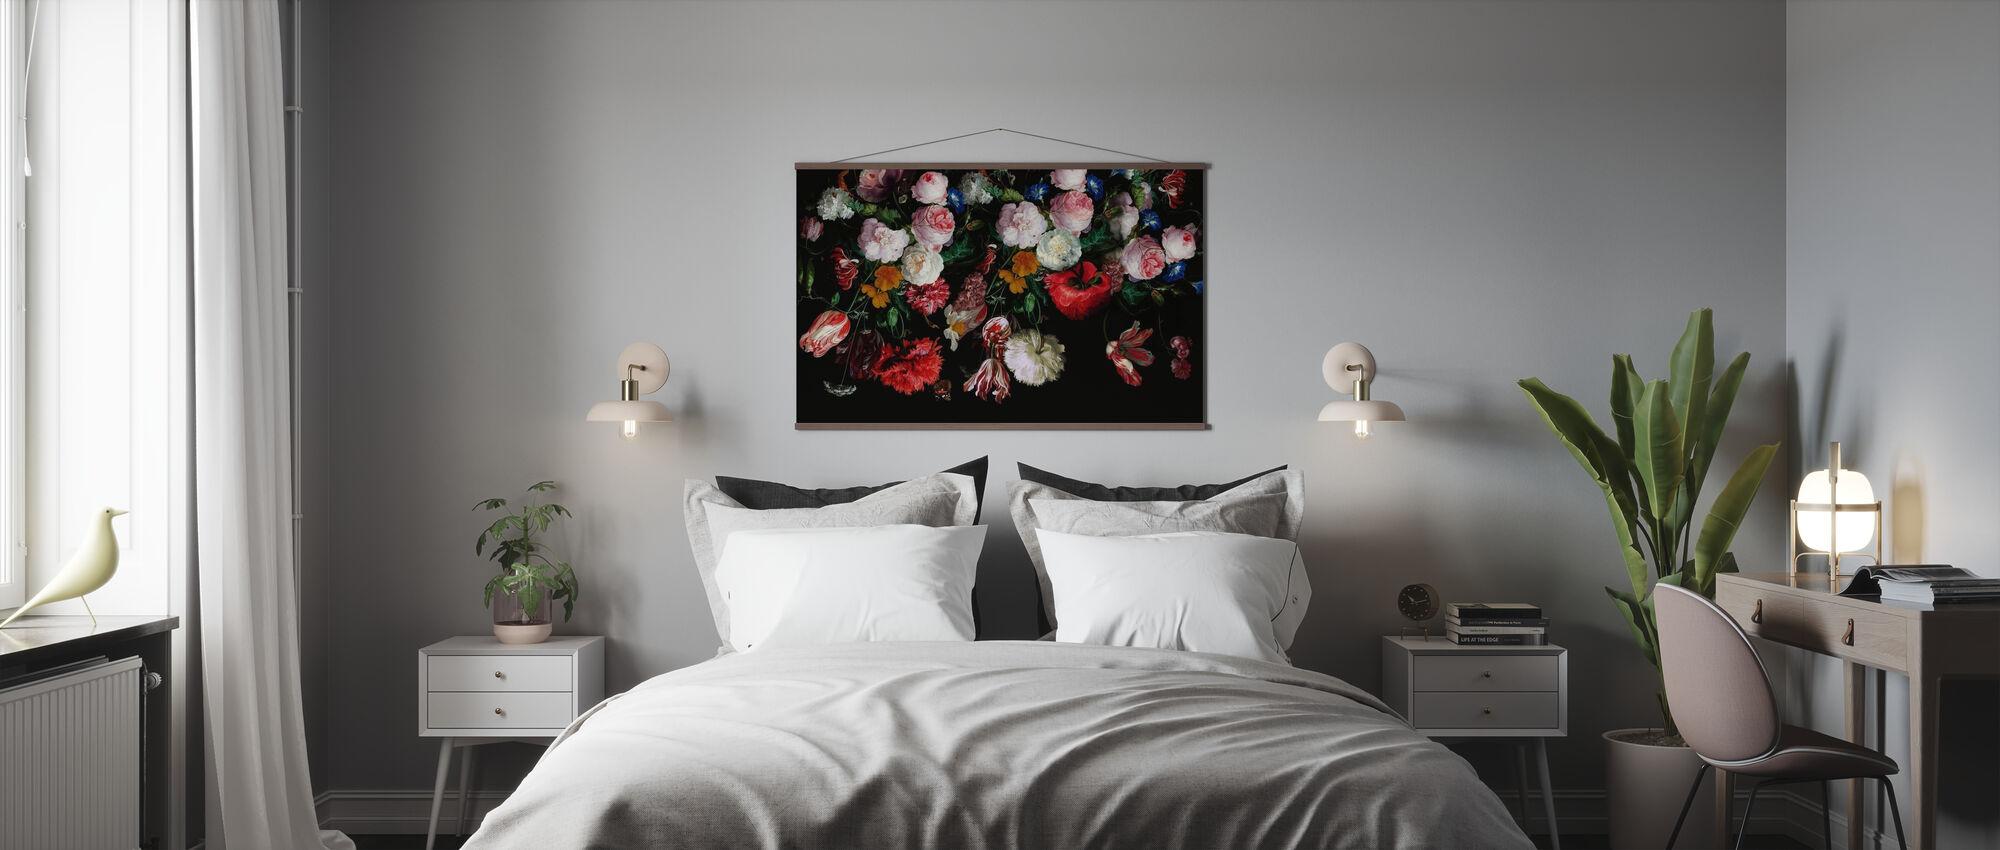 Fargerike blomster på svart bakgrunn - Plakat - Soverom